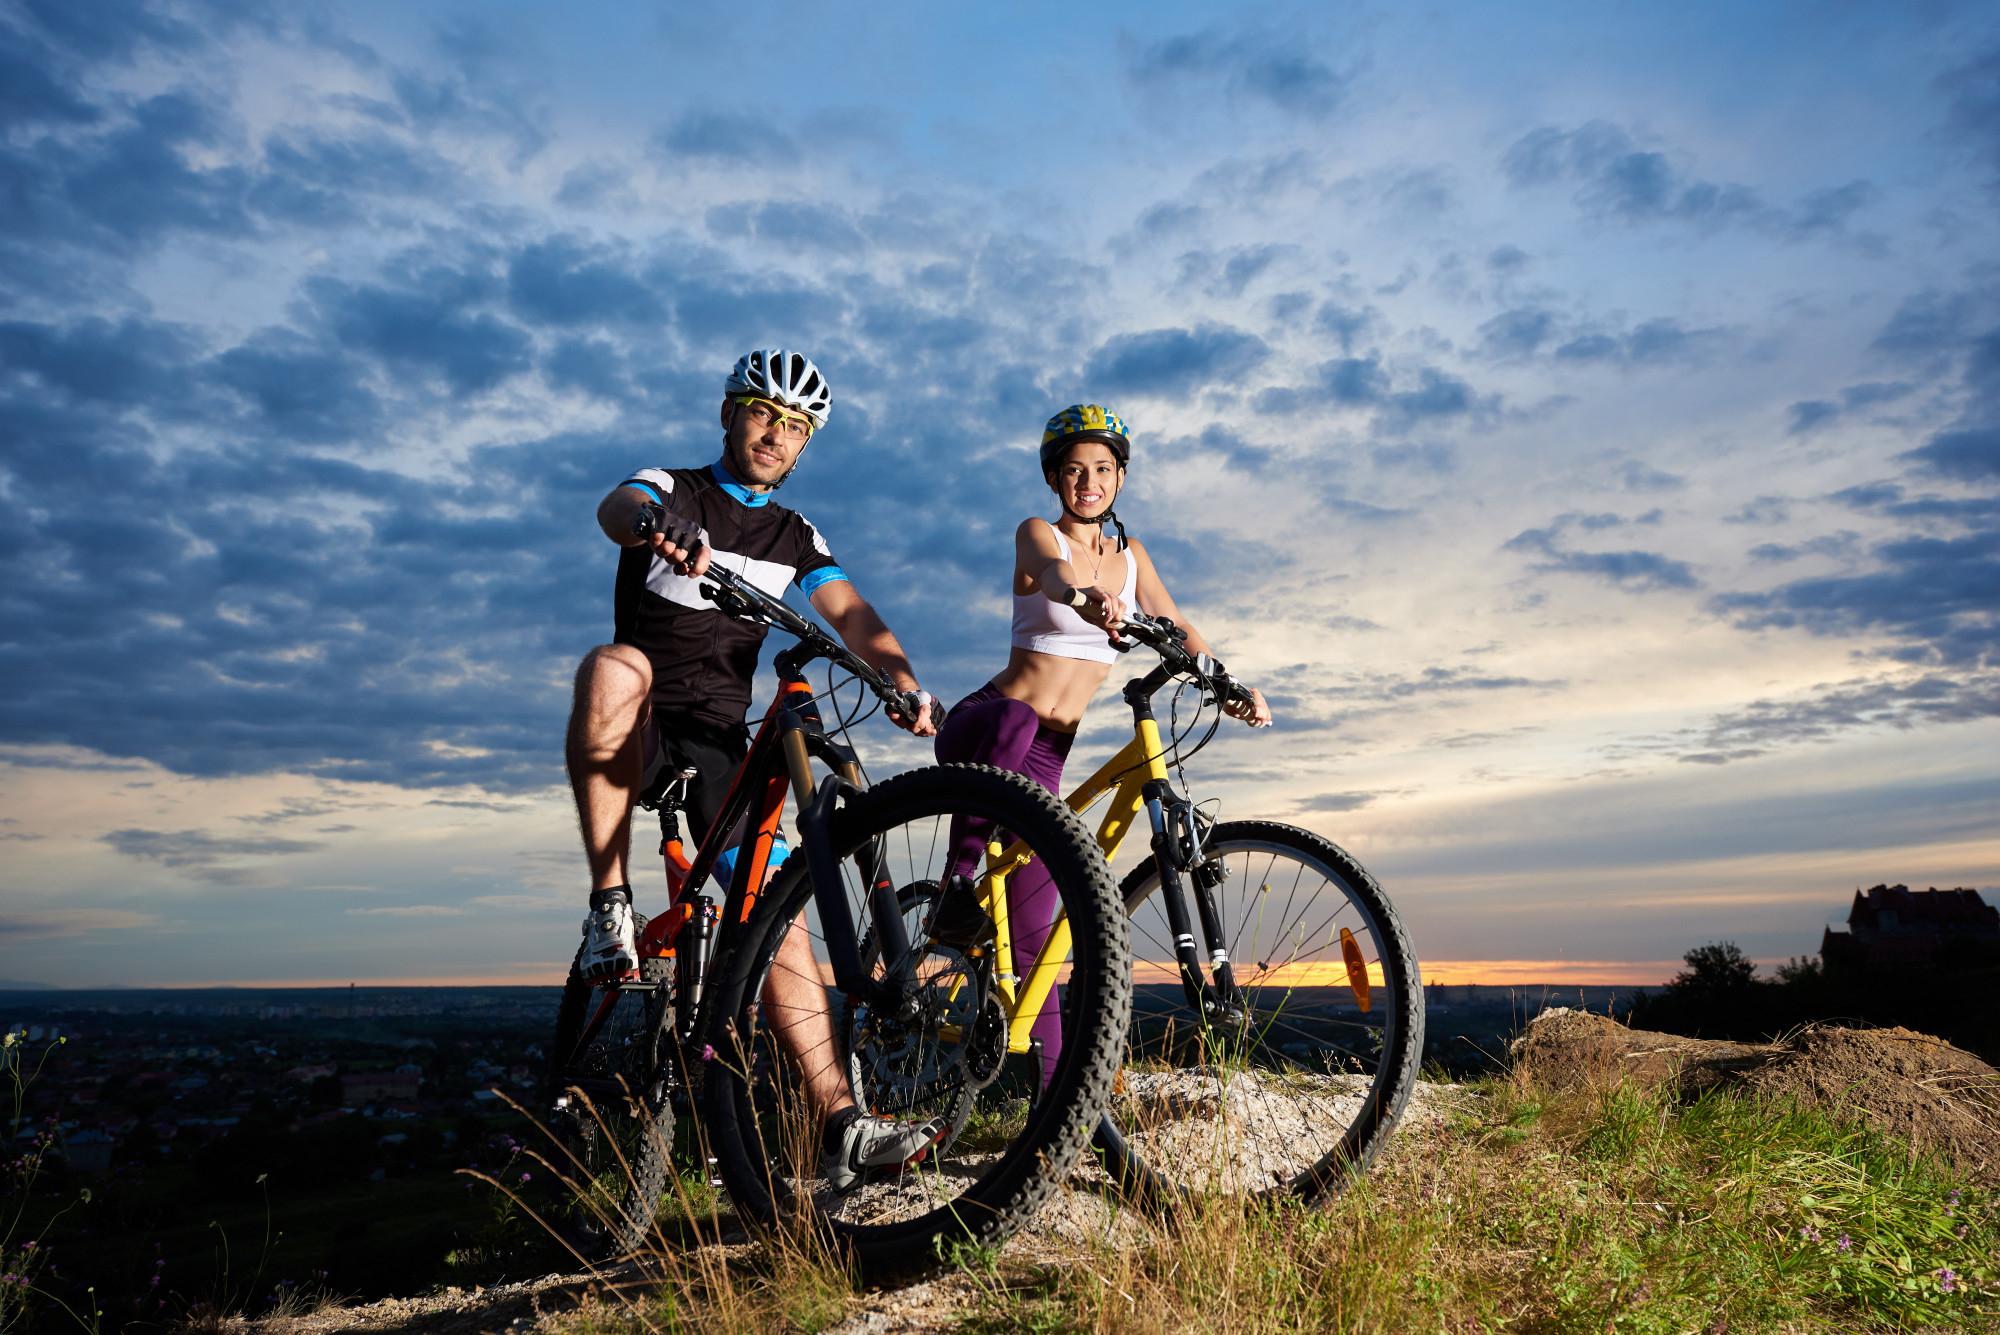 Bringázásra fel – készülj előre a kerékpáros szezonra!